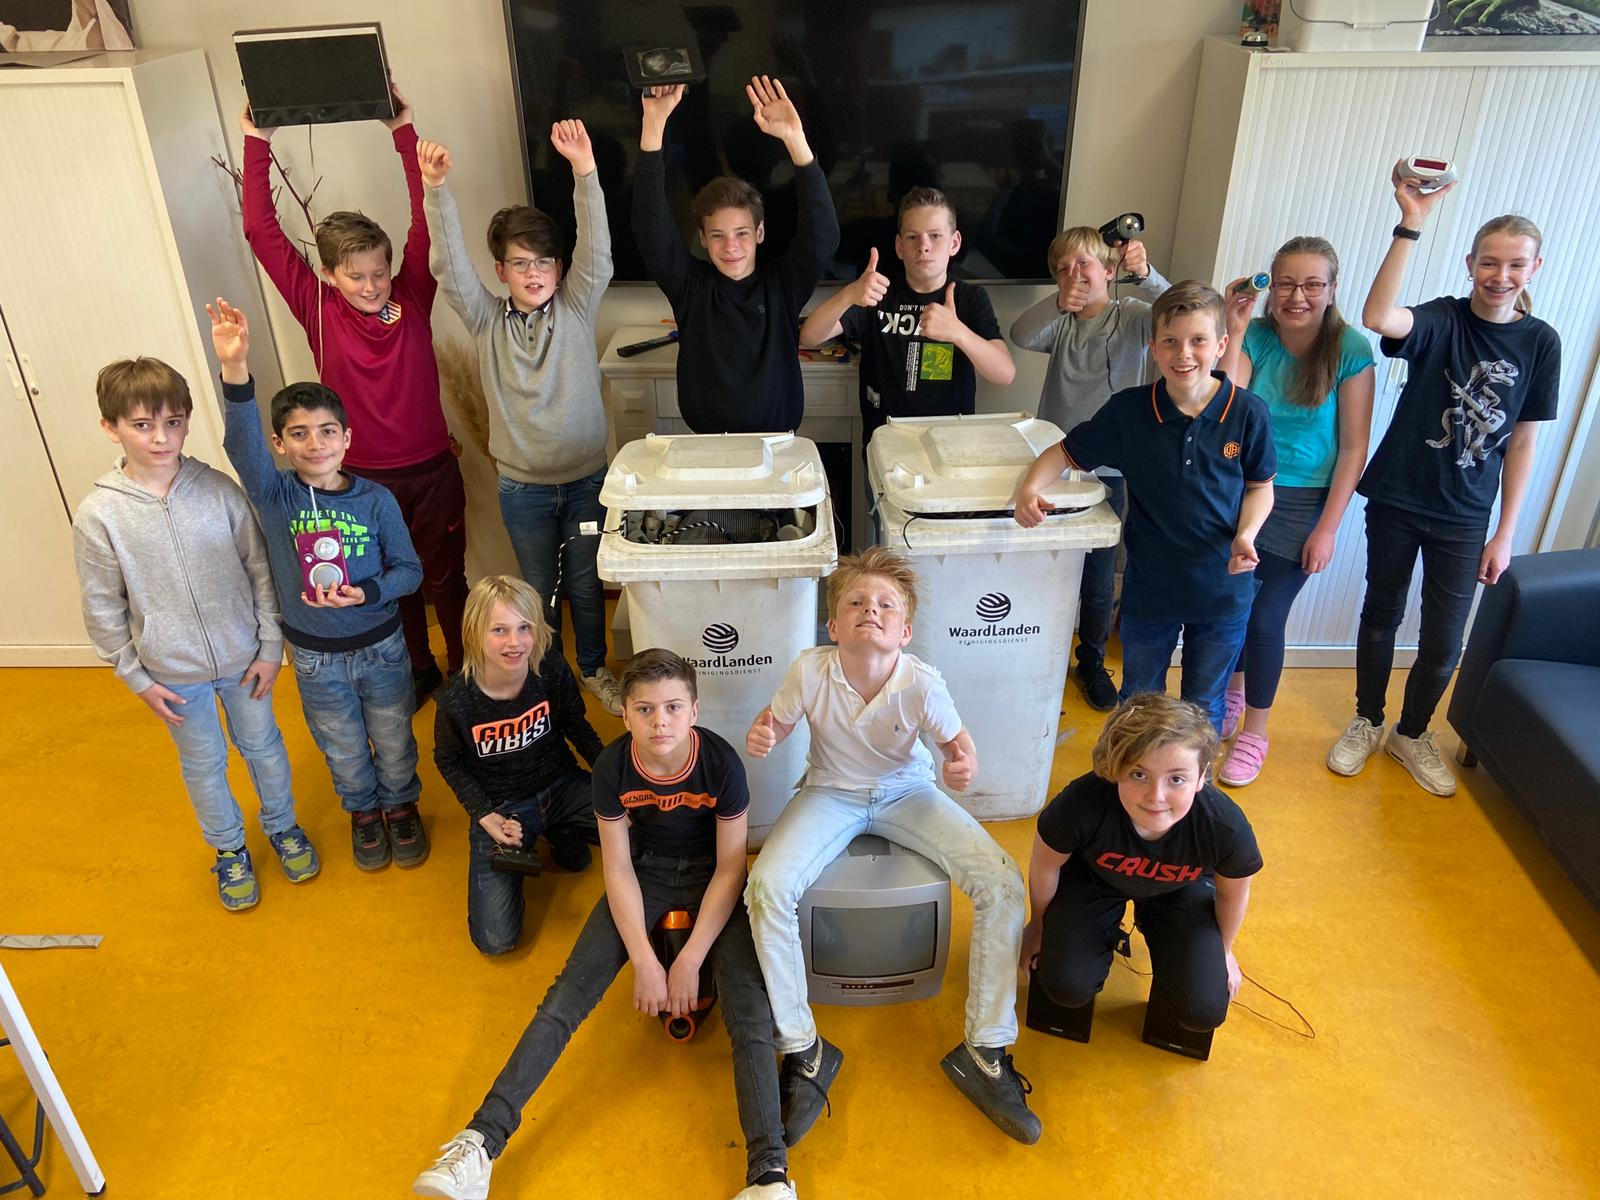 Succesvolle scholenstrijd tegen elektronisch afval